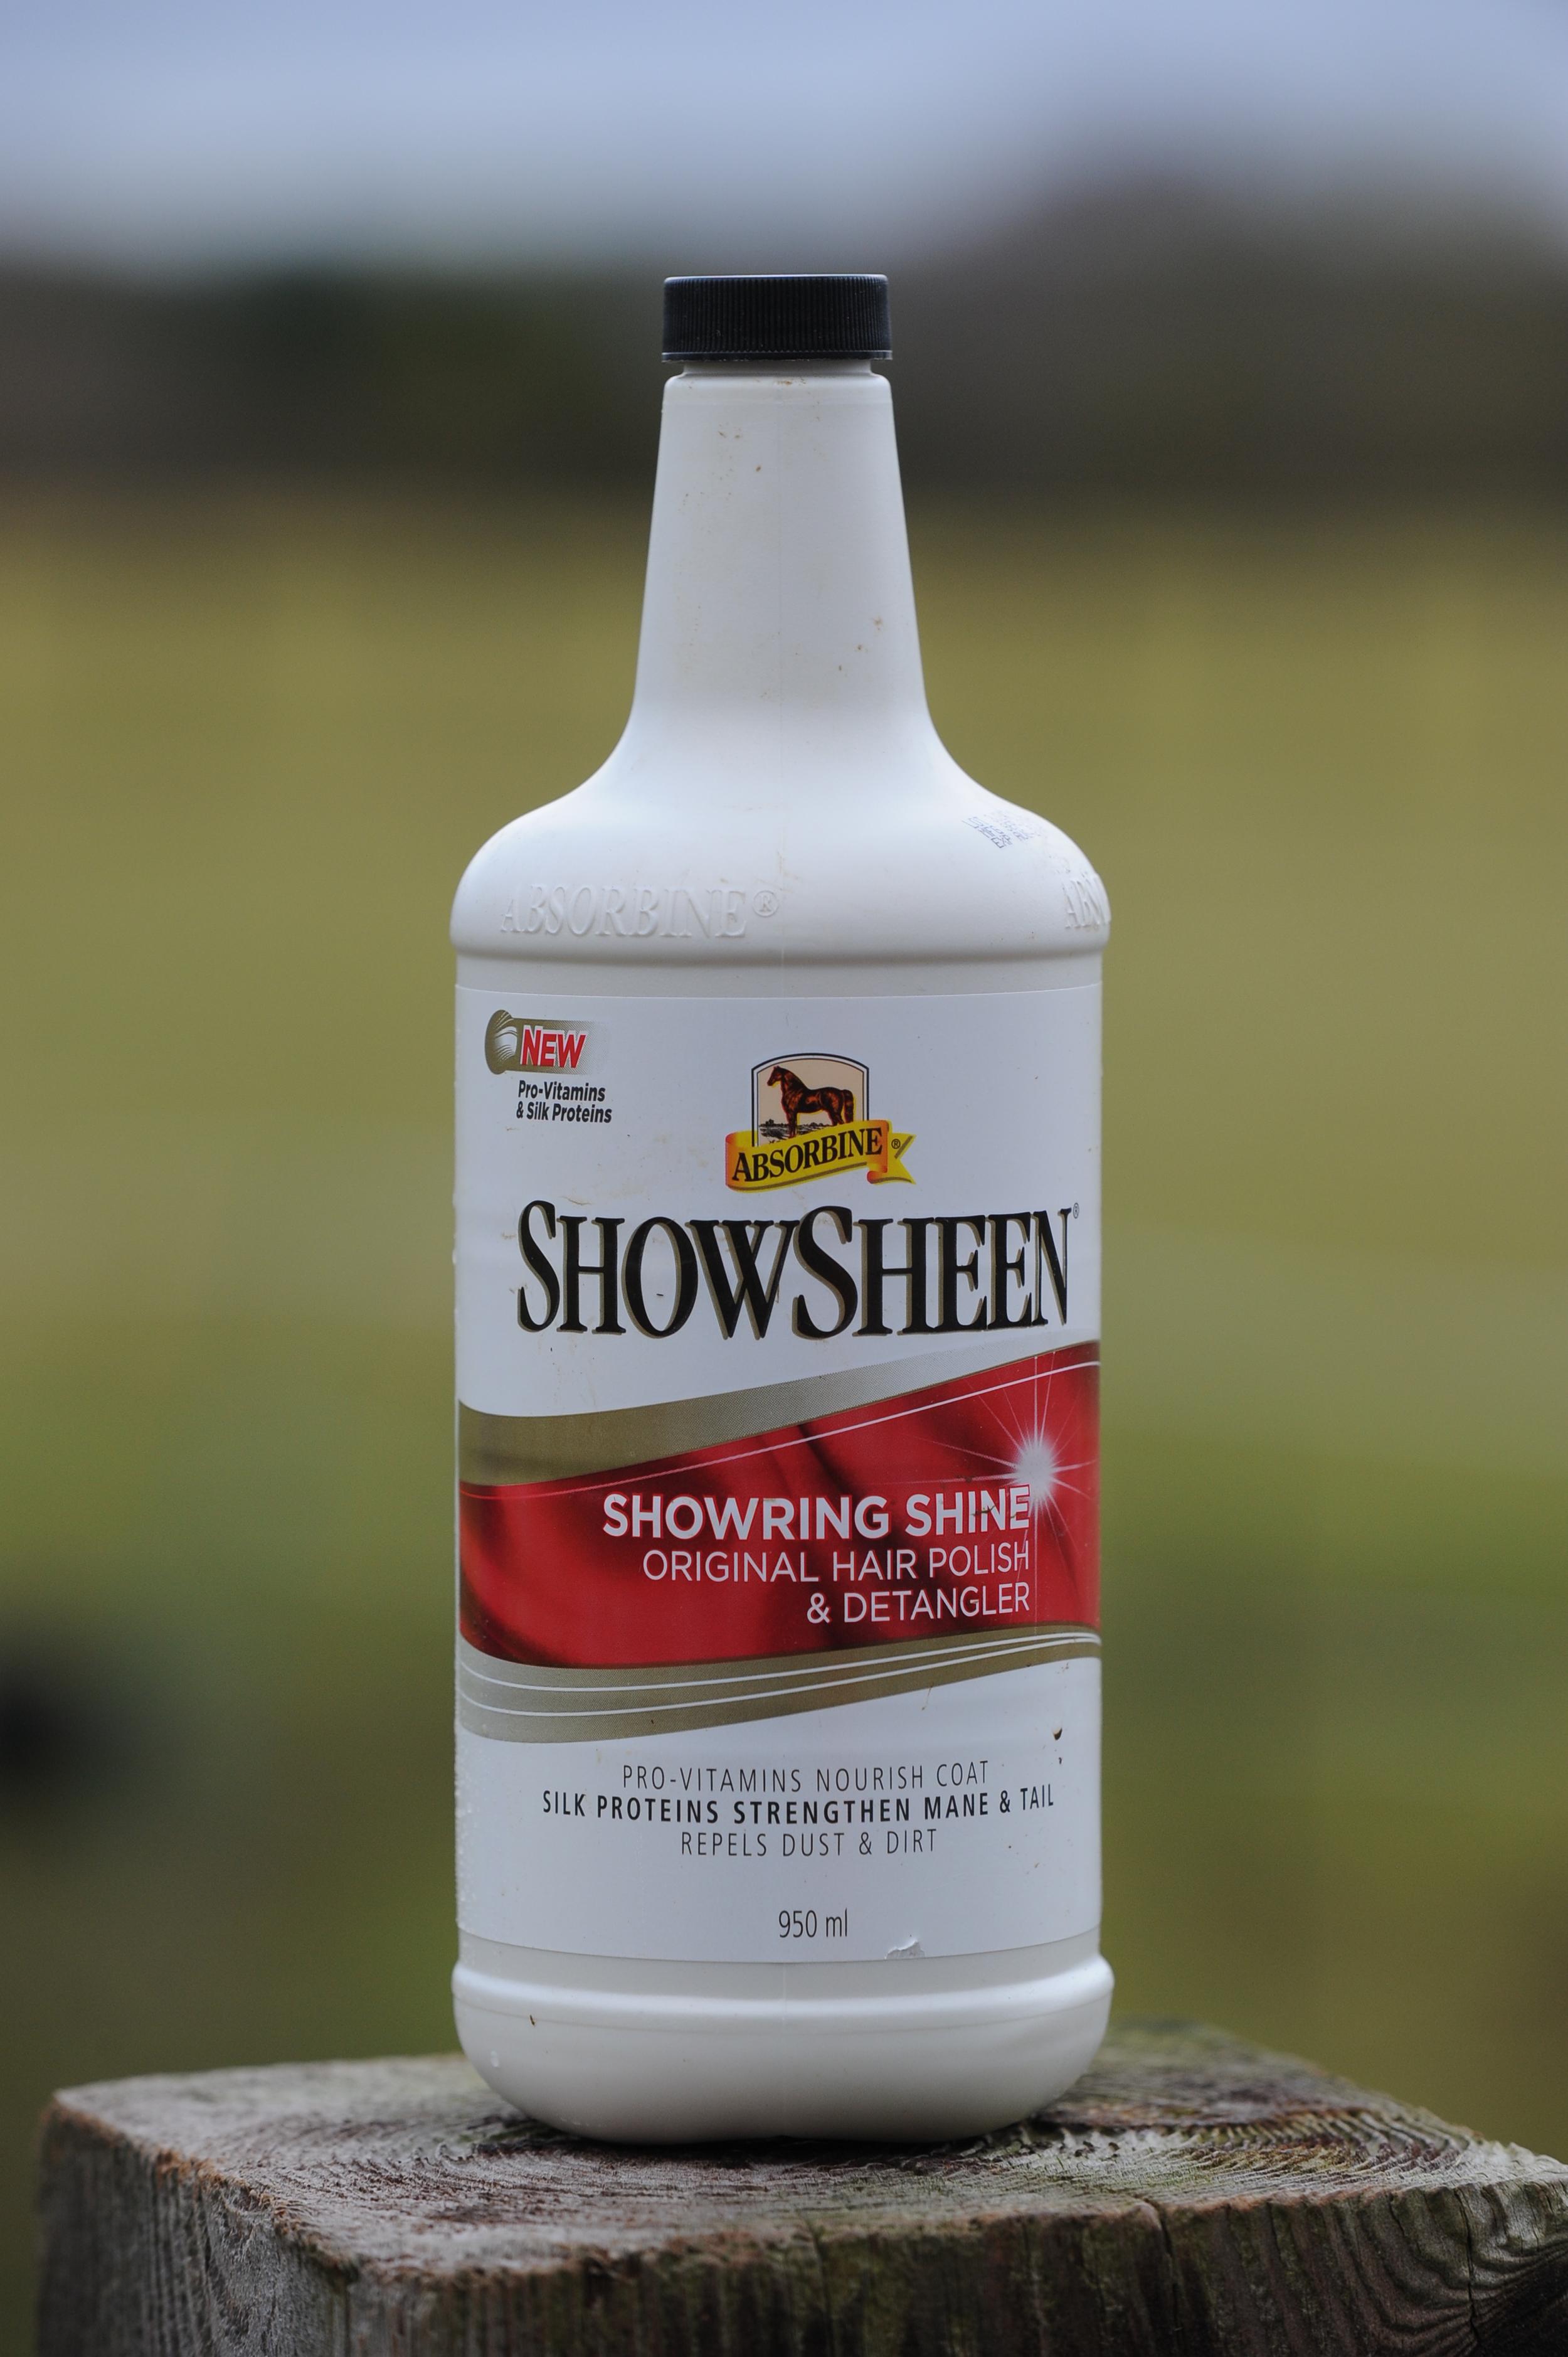 Absorbine Show Sheen